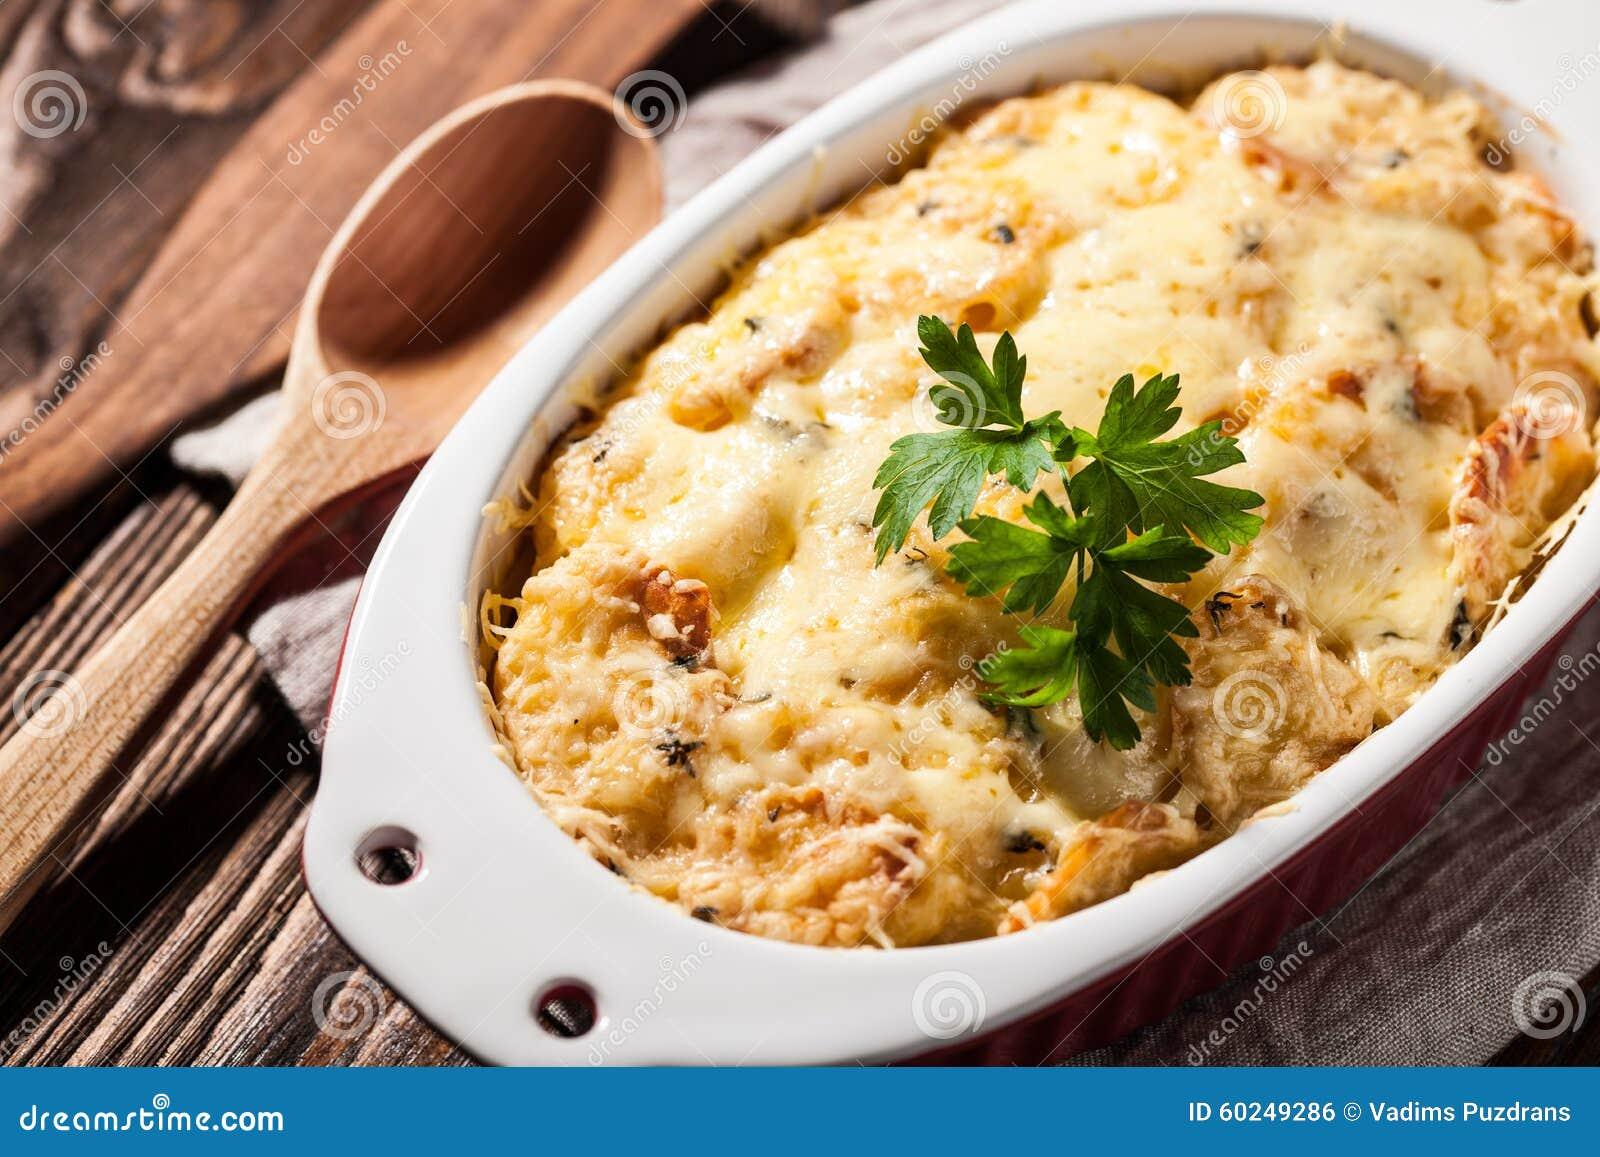 Pommes de terre cuites au four avec du fromage photo stock image 60249286 - Conservation pommes de terre cuites ...